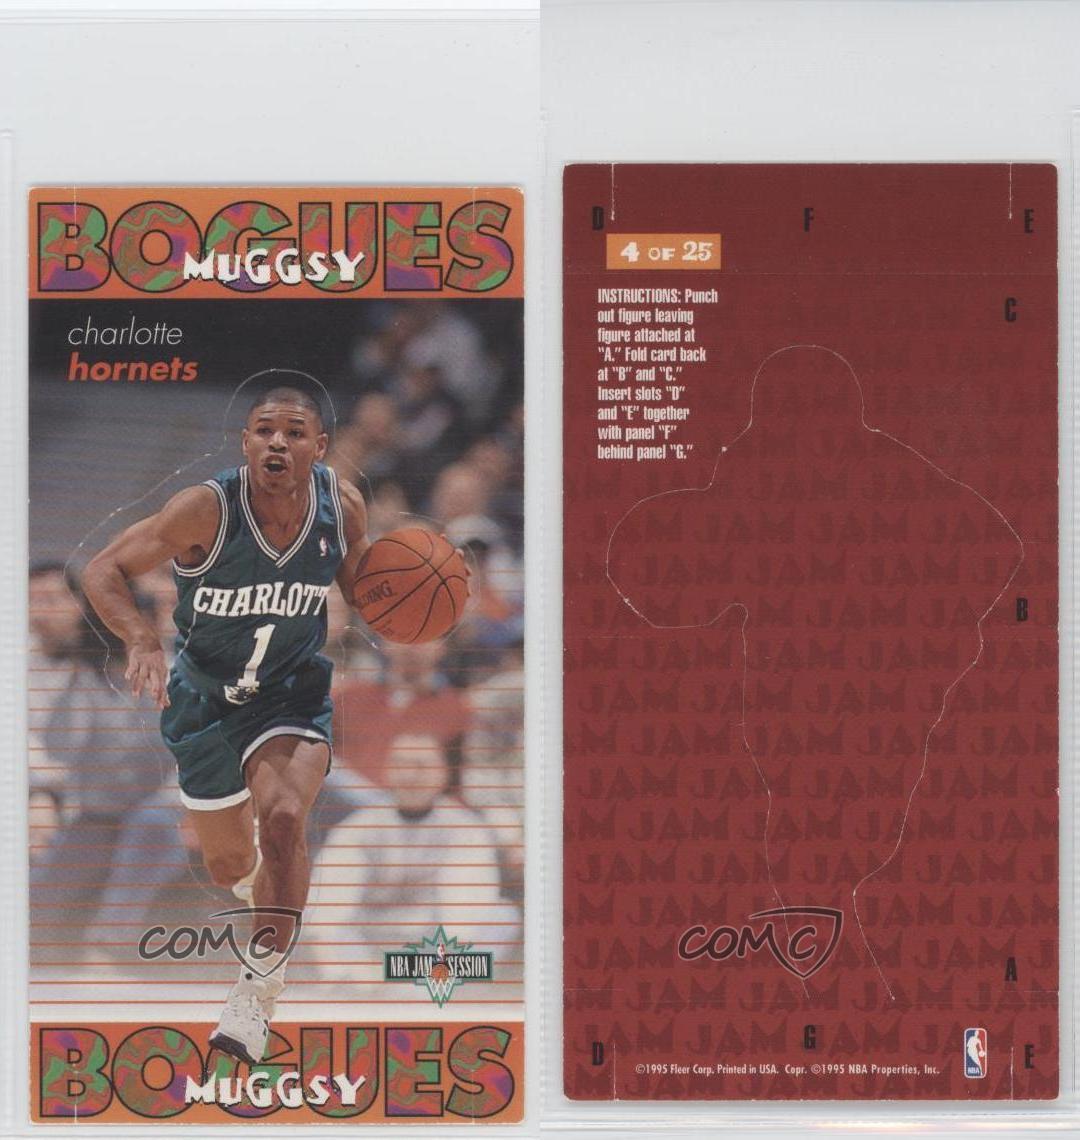 1995 Fleer NBA Jam Session Pop-Ups 4 Muggsy Bogues